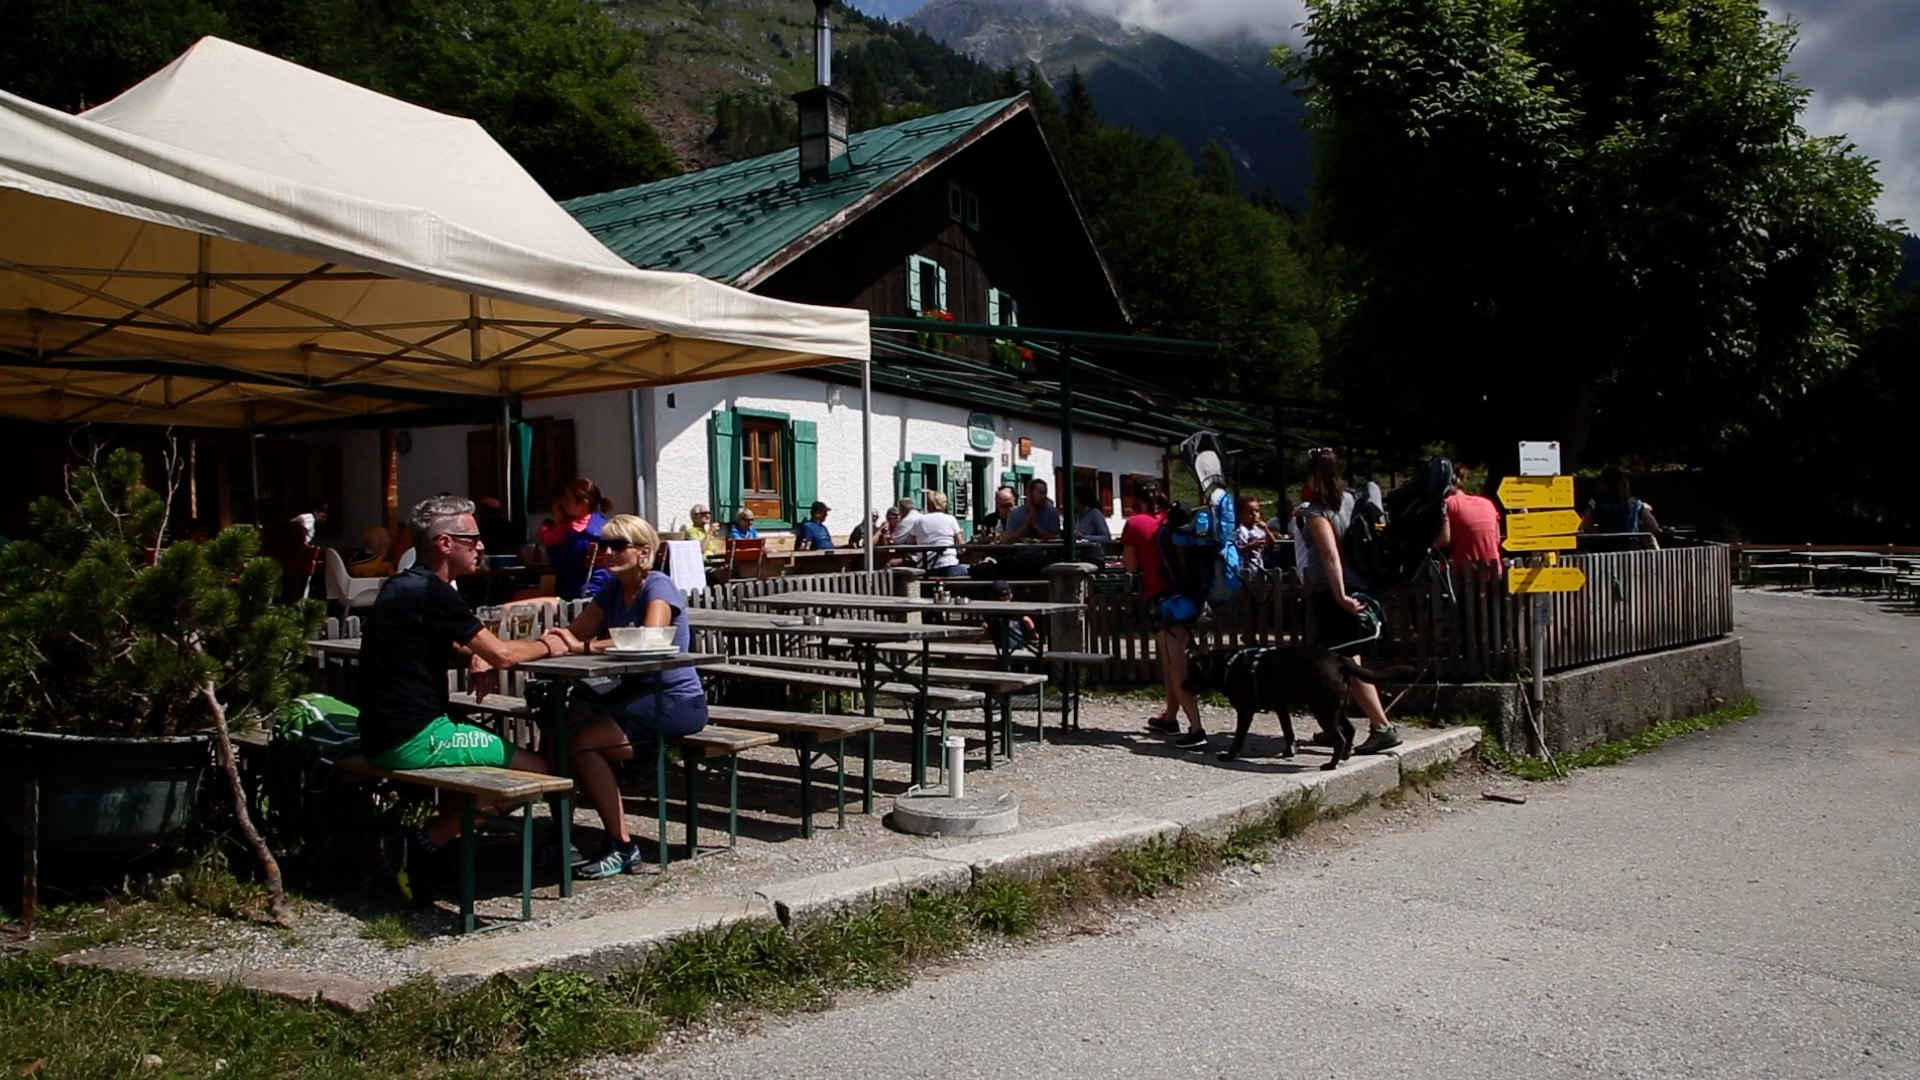 Geheimnisse des Tourismus: Mit der Familie auf dem Berg arbeiten